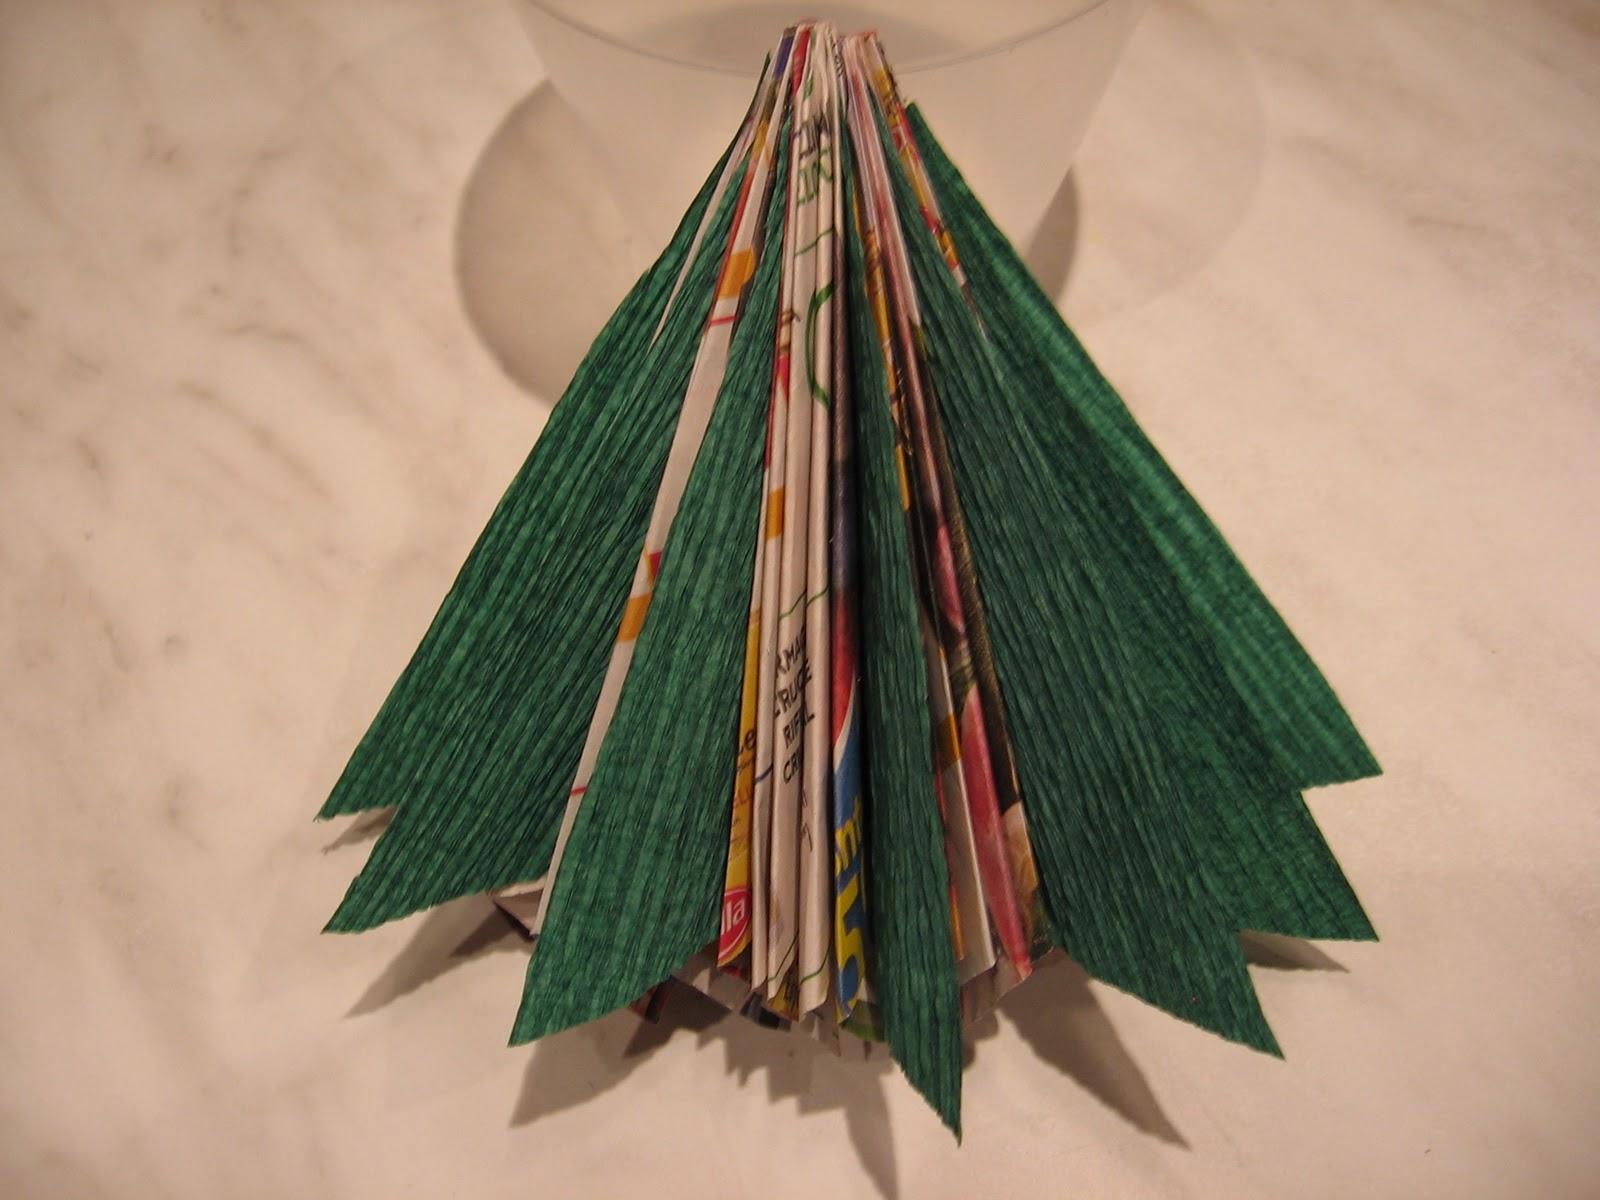 Decorazioni Di Natale Scuola Materna : Natale decorazioni di natale woods trenino per bambini scuola